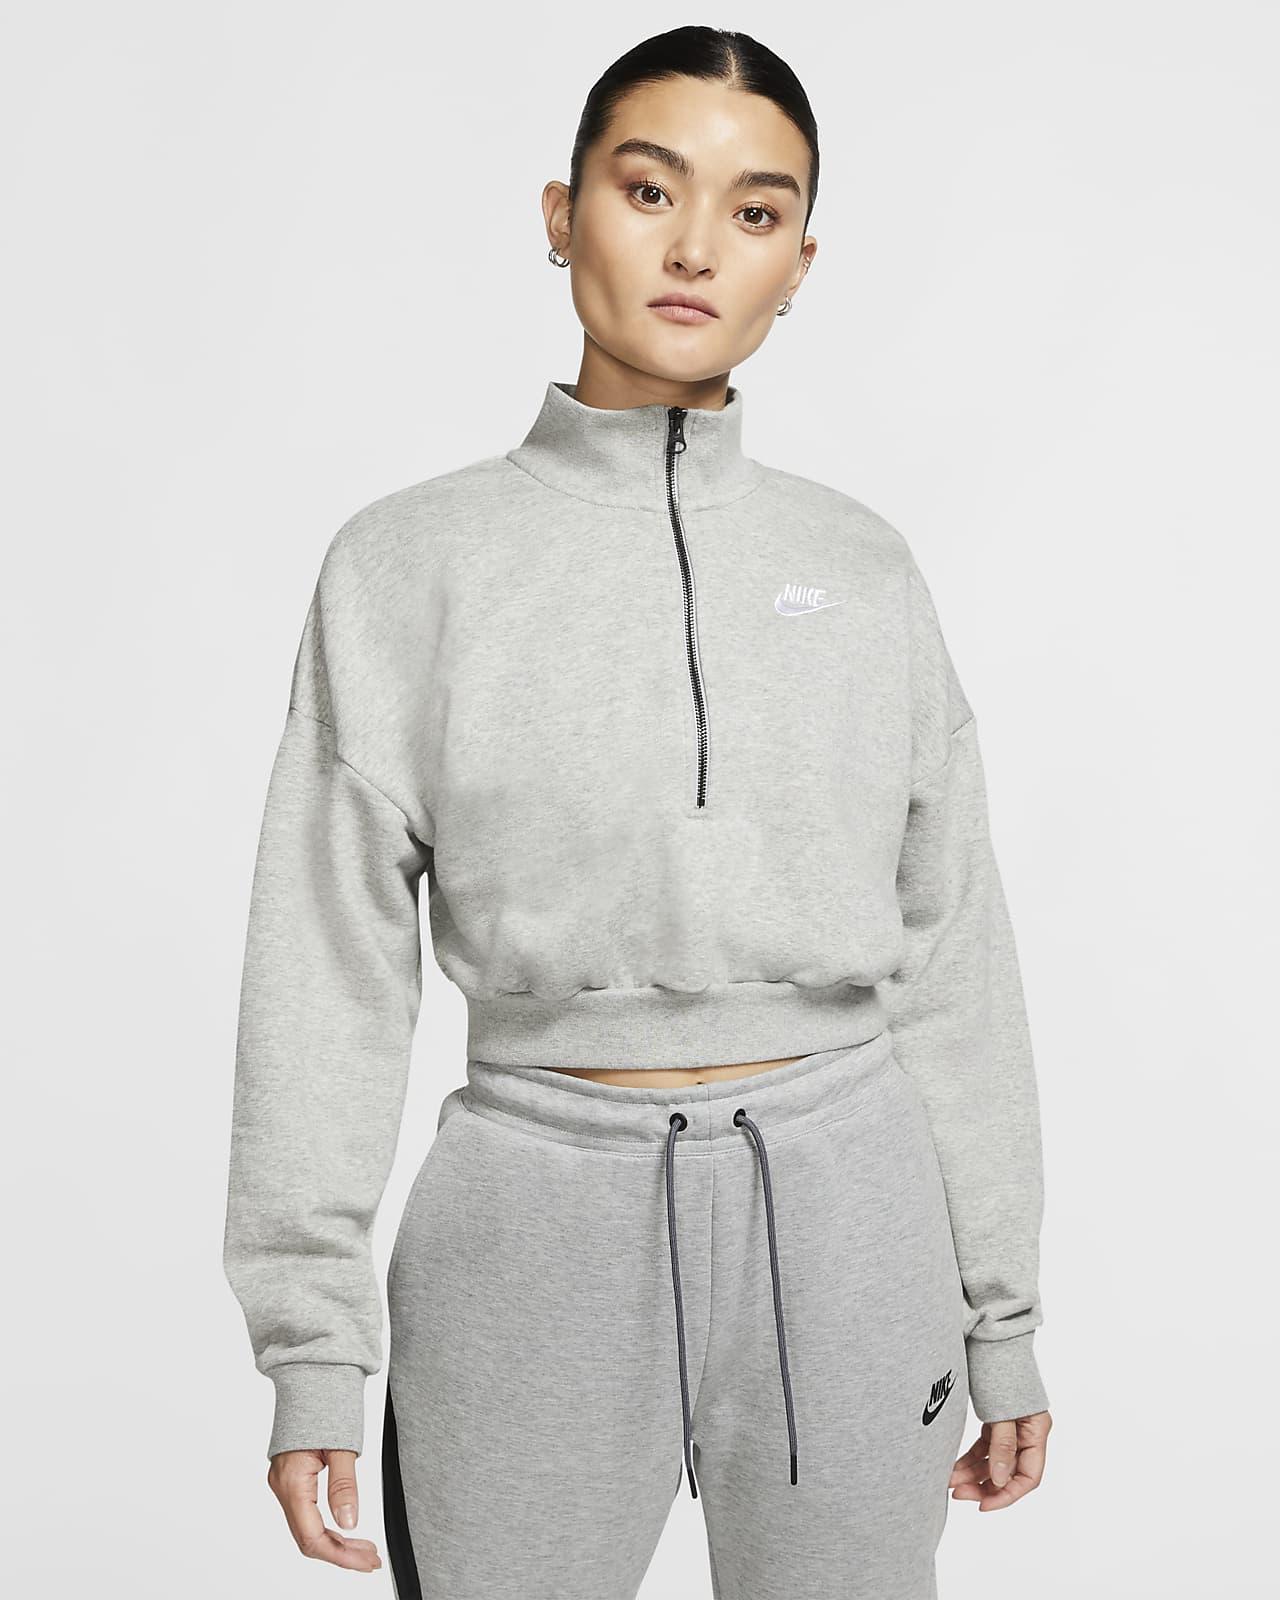 Nike Sportswear Essential Women's Fleece Long-Sleeve Crop Top